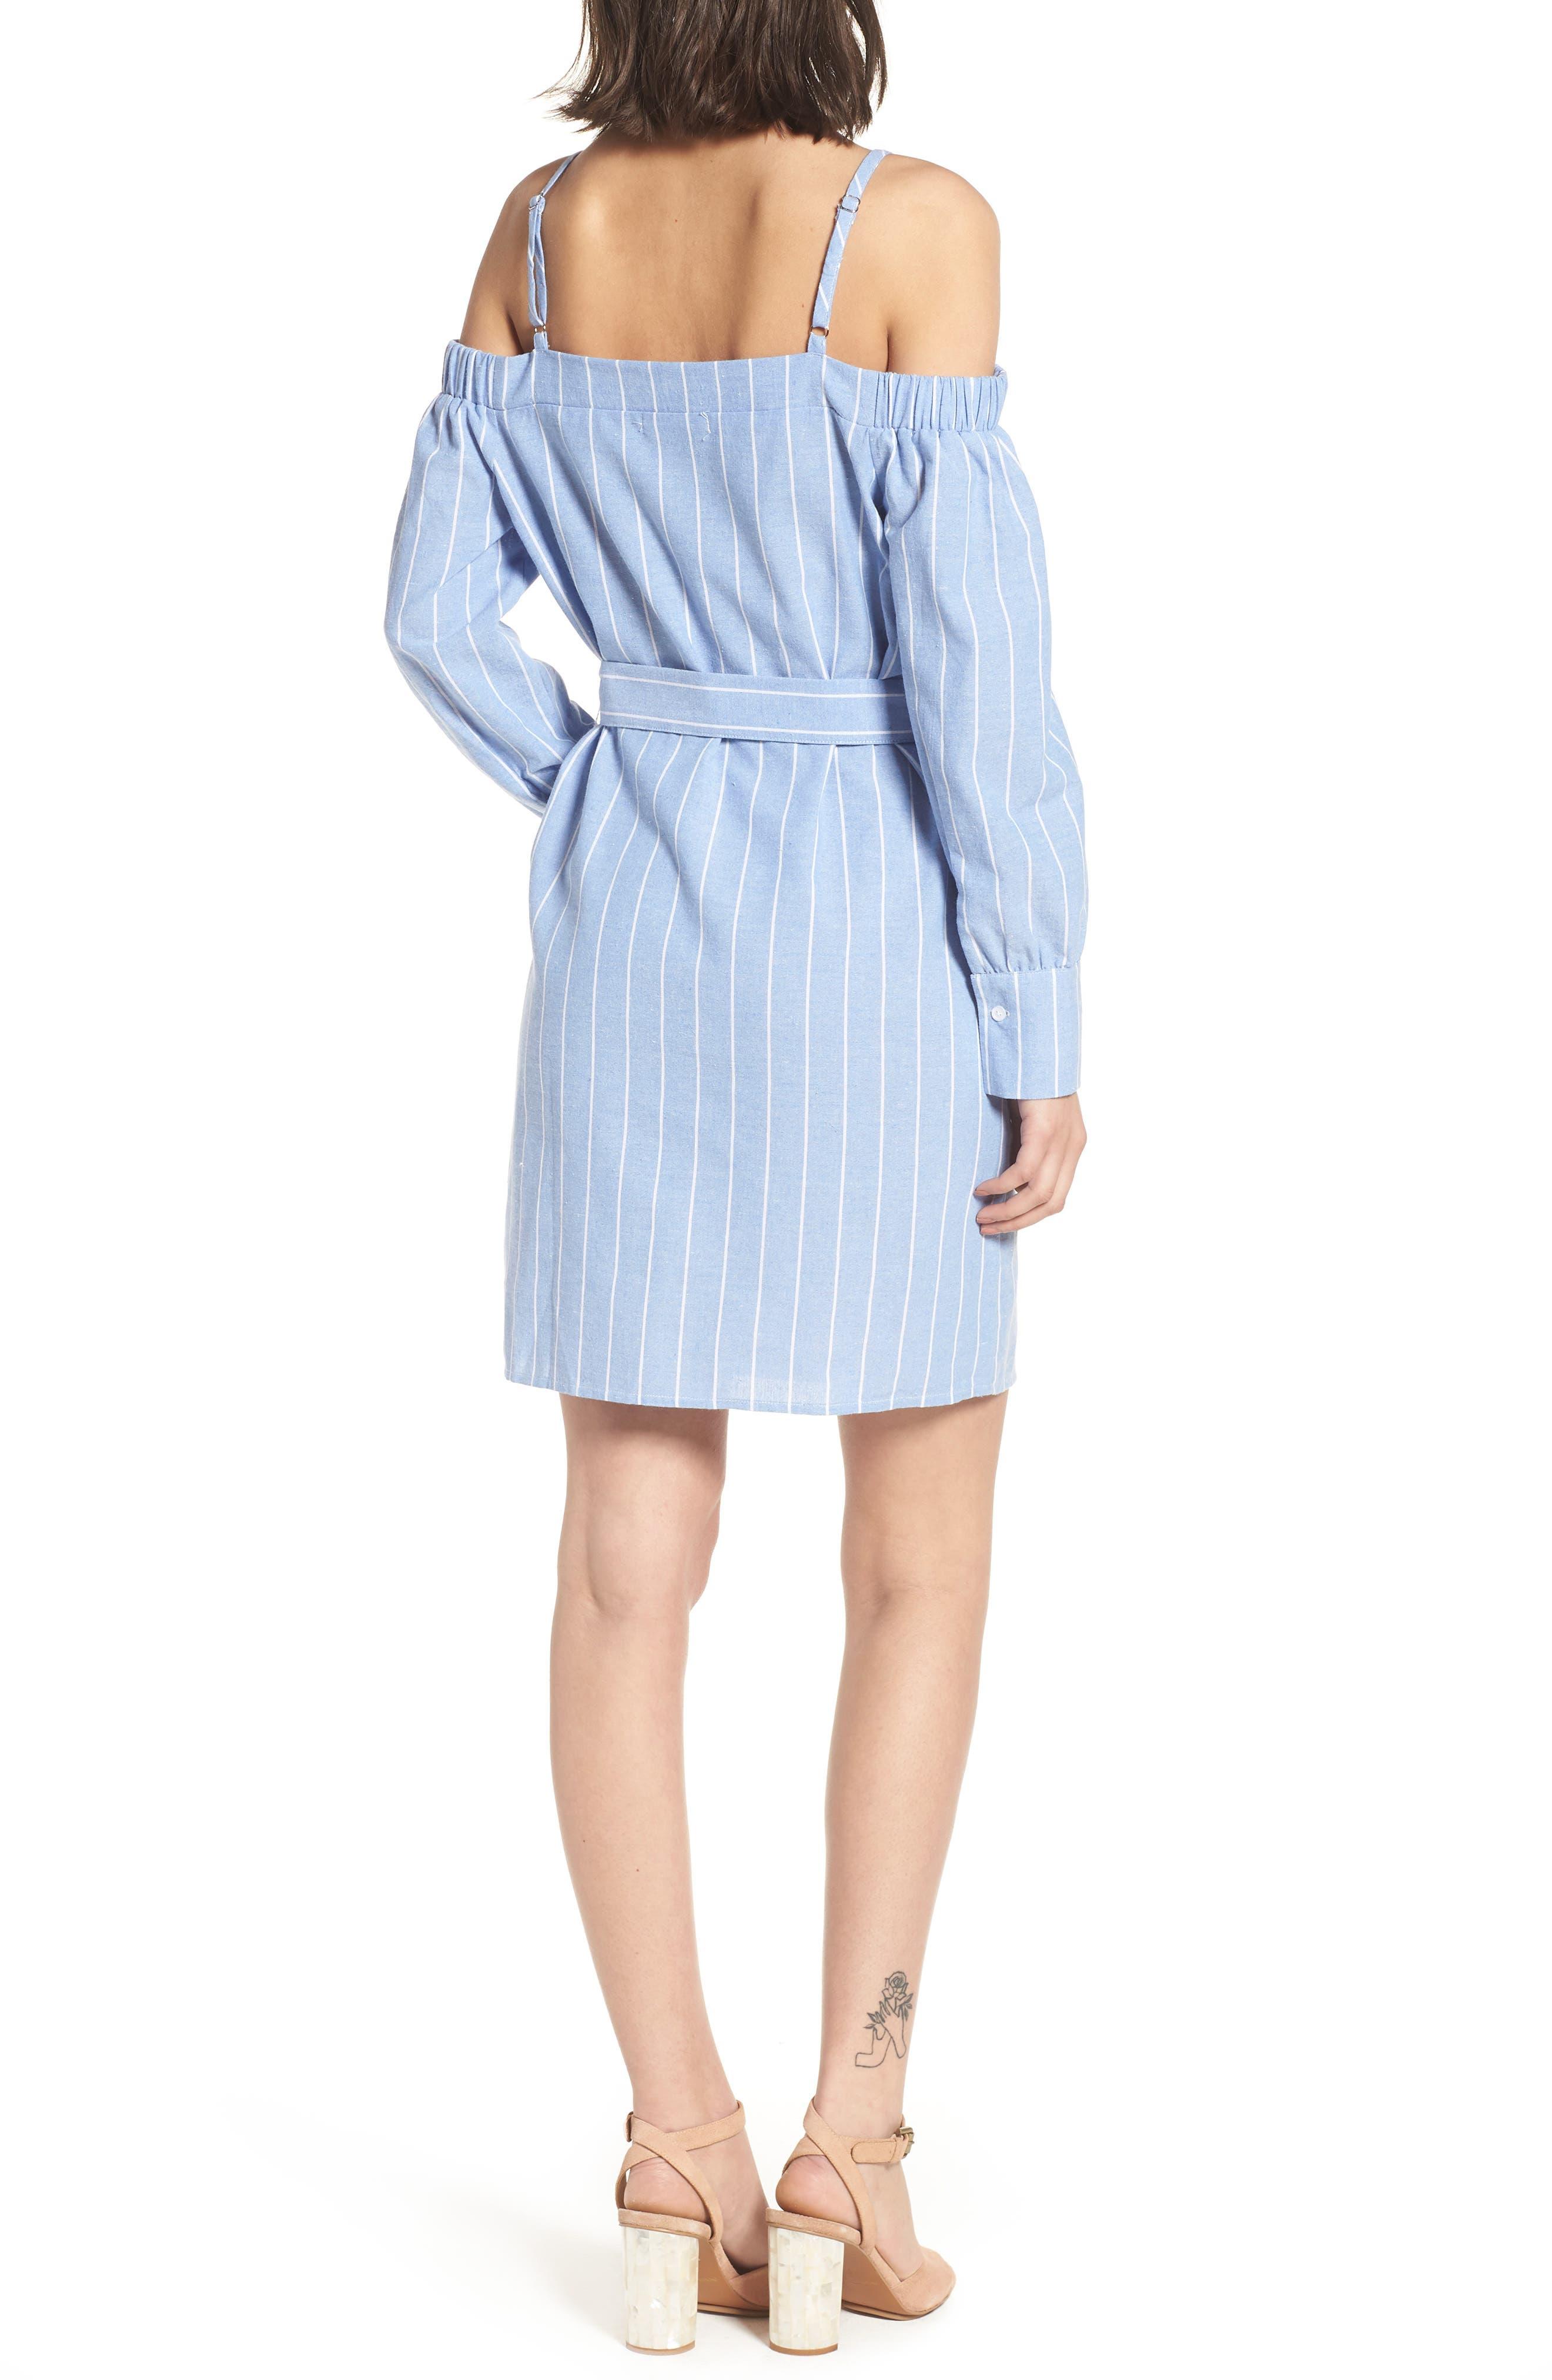 Bishop + Young Chrissy Cold Shoulder Dress,                             Alternate thumbnail 2, color,                             400